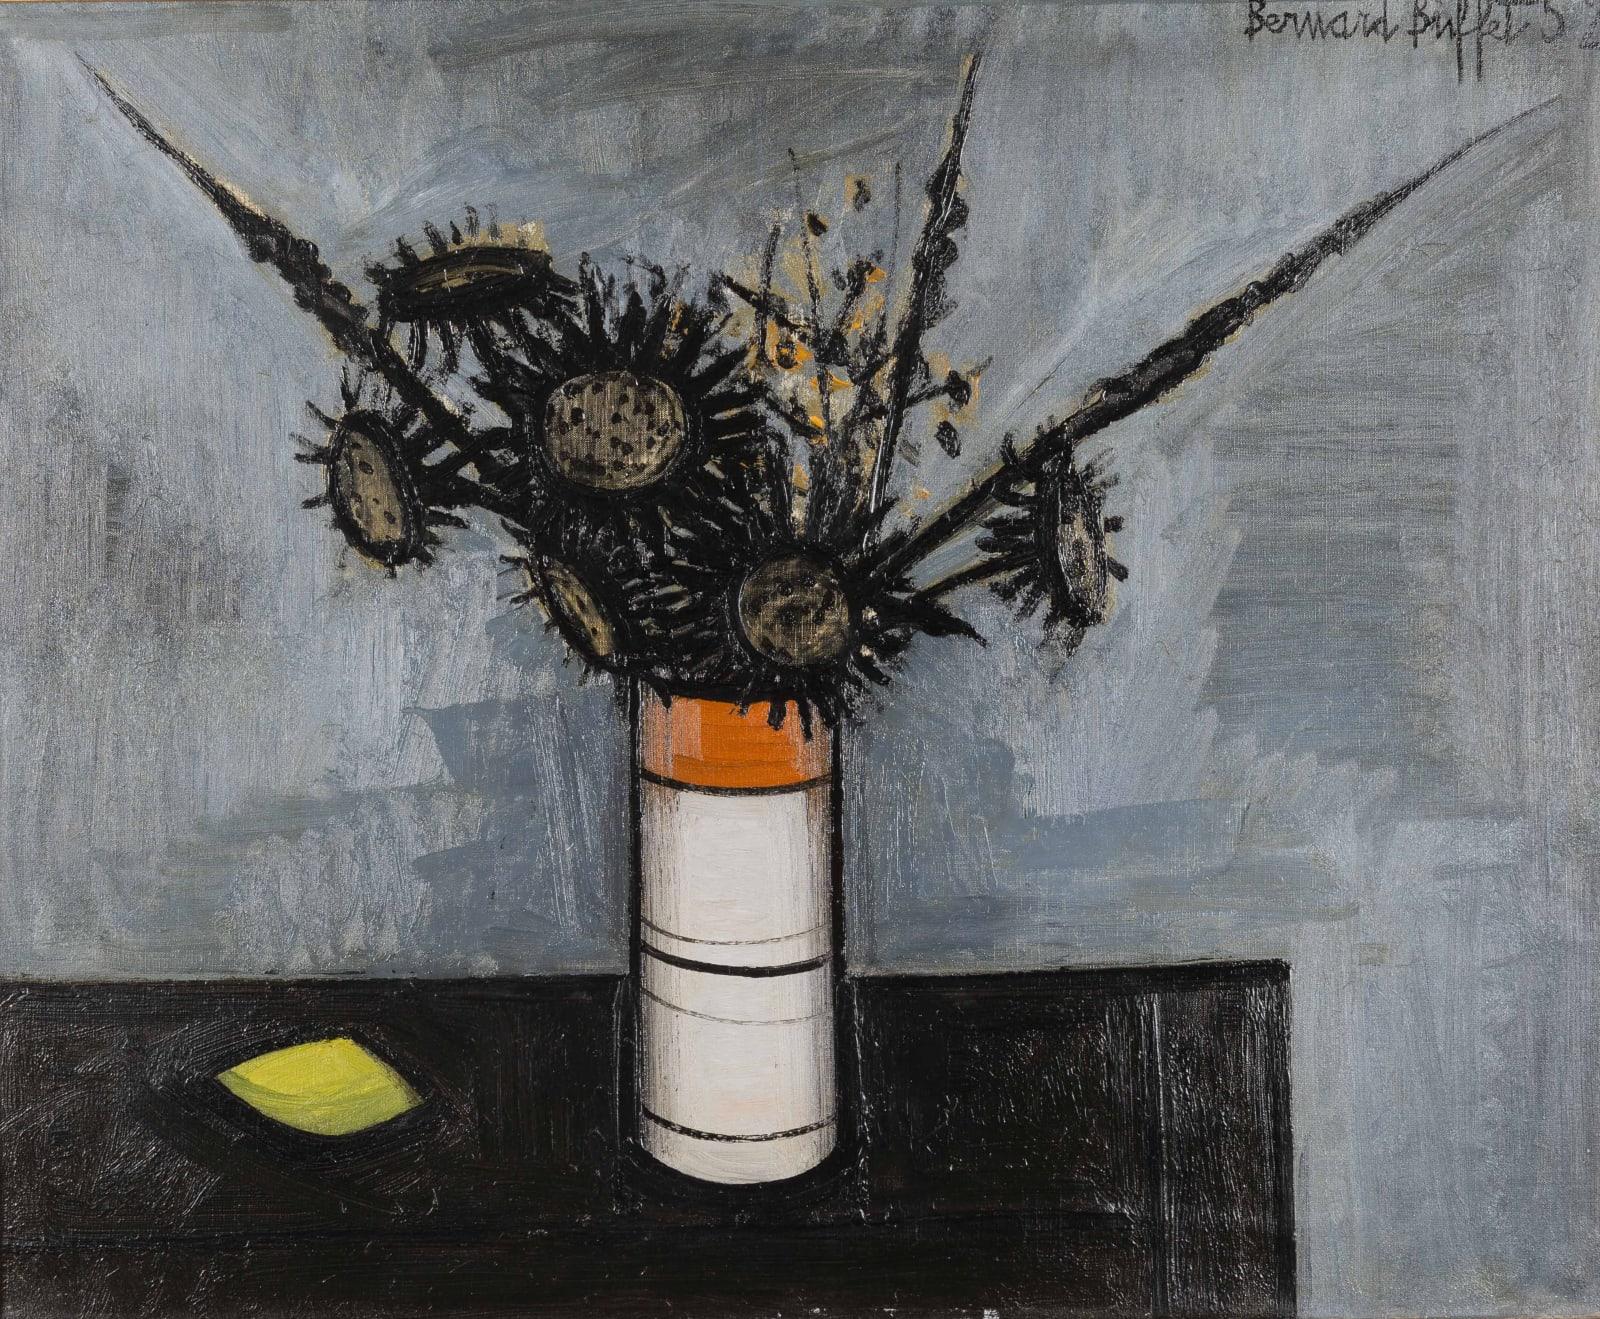 Bernard Buffet, Fleurs dans un vase cylindrique, 1952